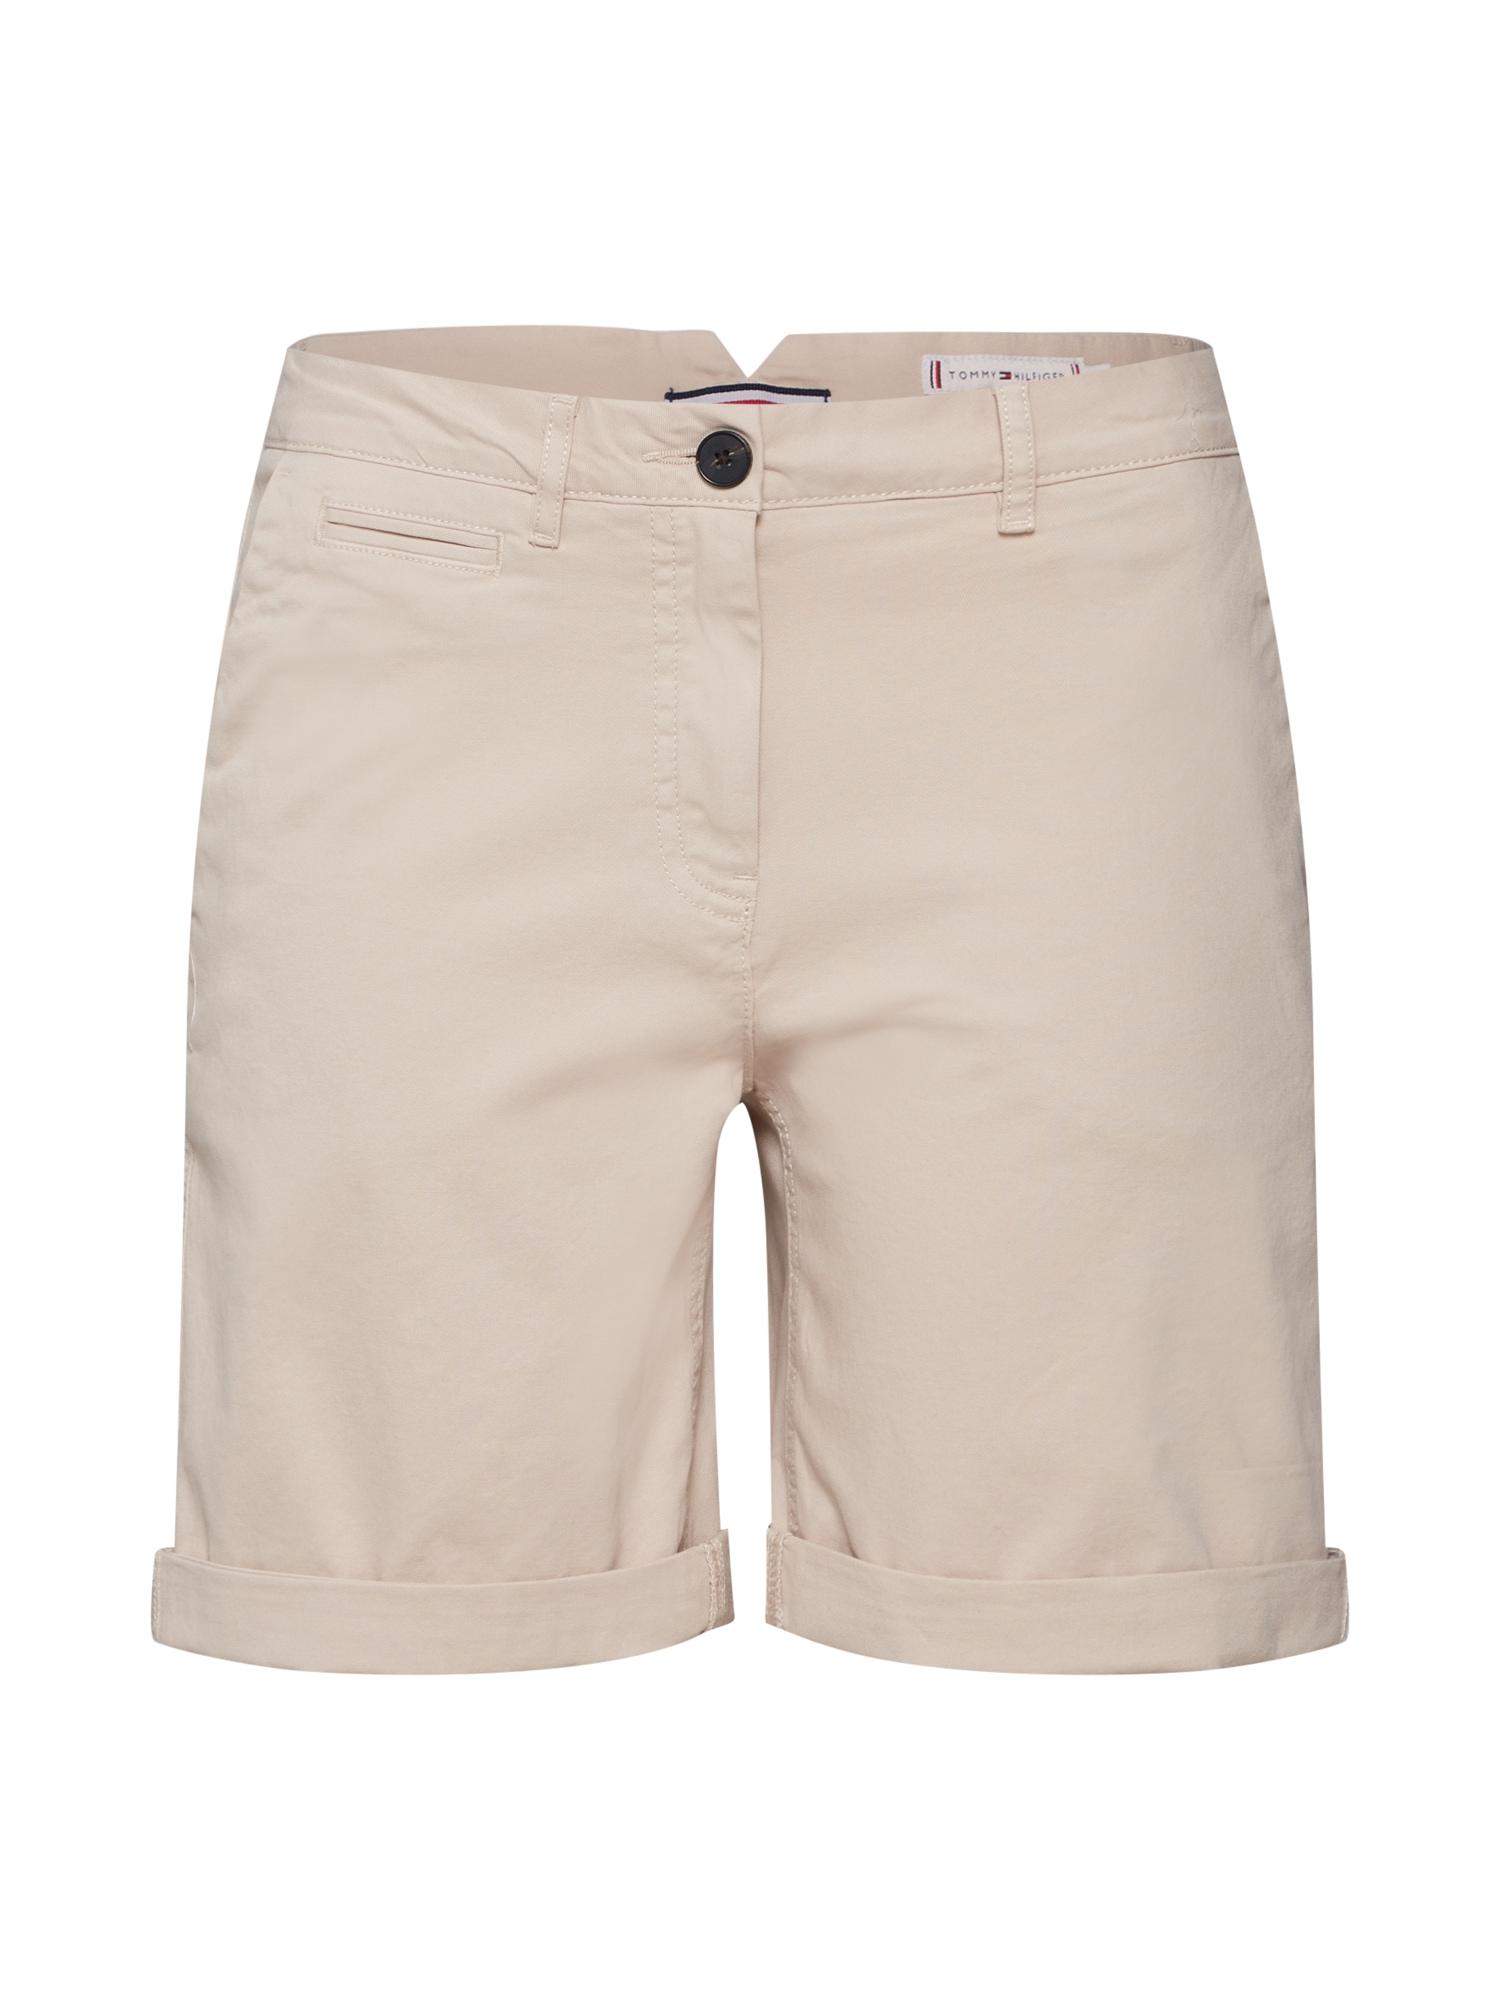 Chino kalhoty HUNTER béžová velbloudí TOMMY HILFIGER